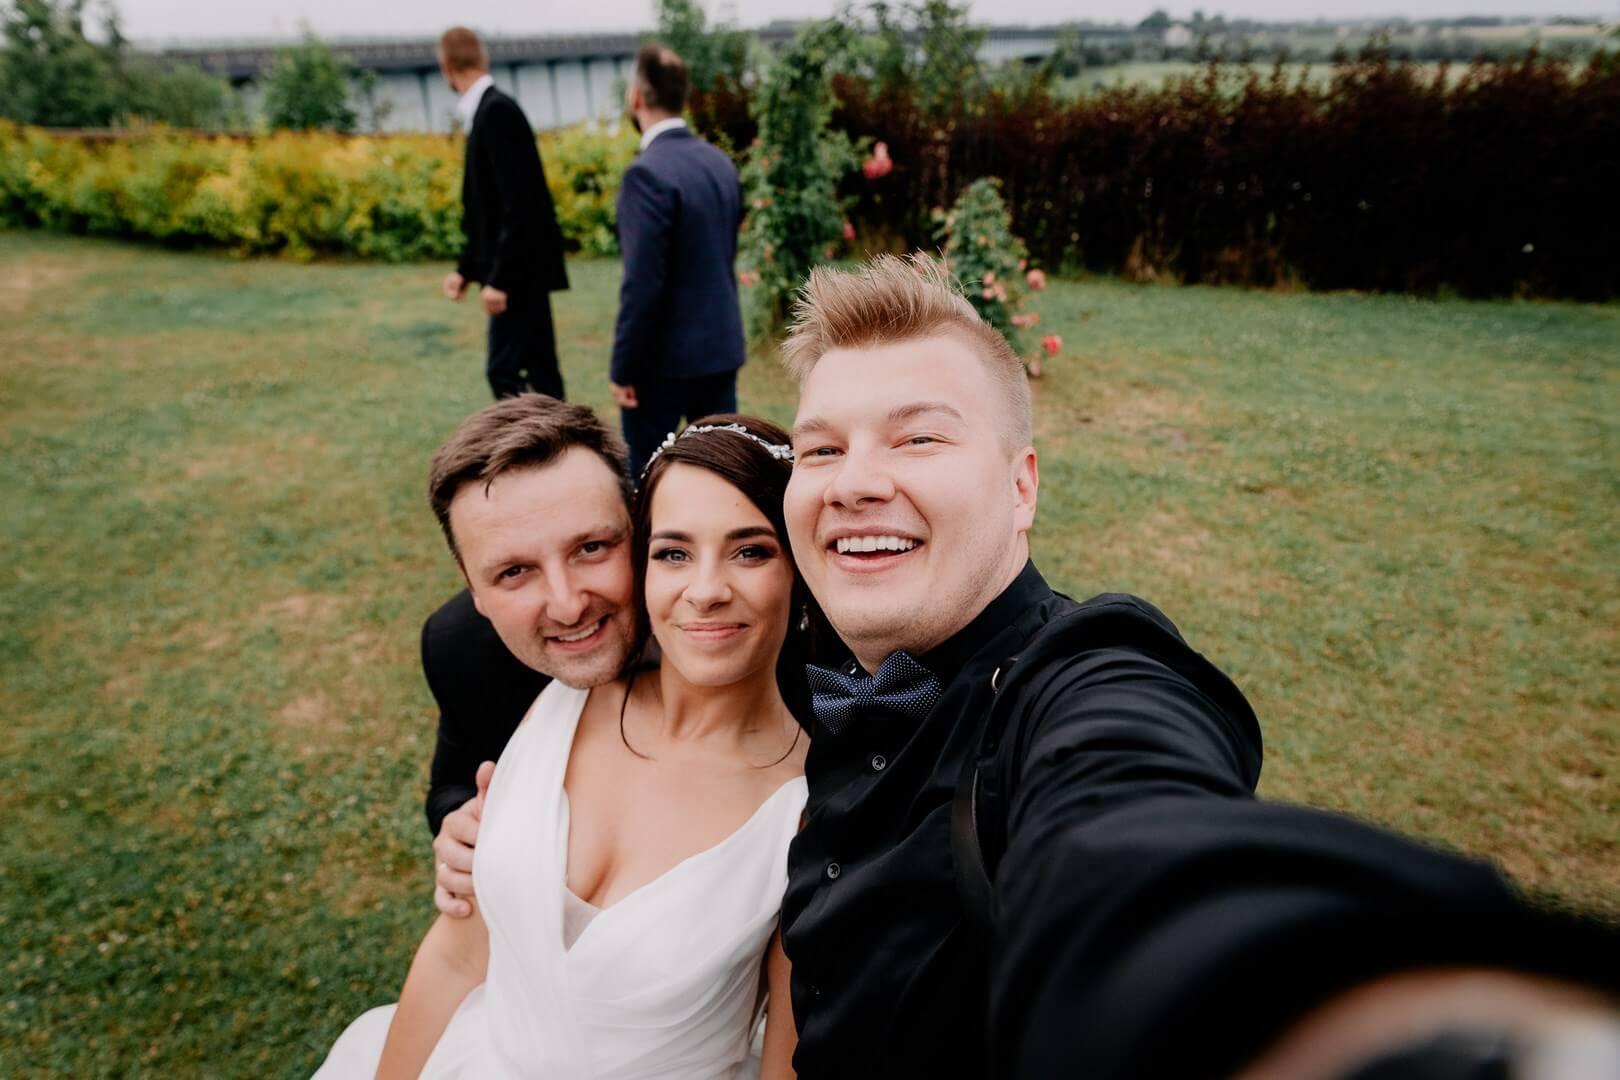 Zdjęcia grupowe na weselu. fotograf Szpakowicz Aleksander Gdańsk, Trójmiasto - szpakowicz-studio.pl 8